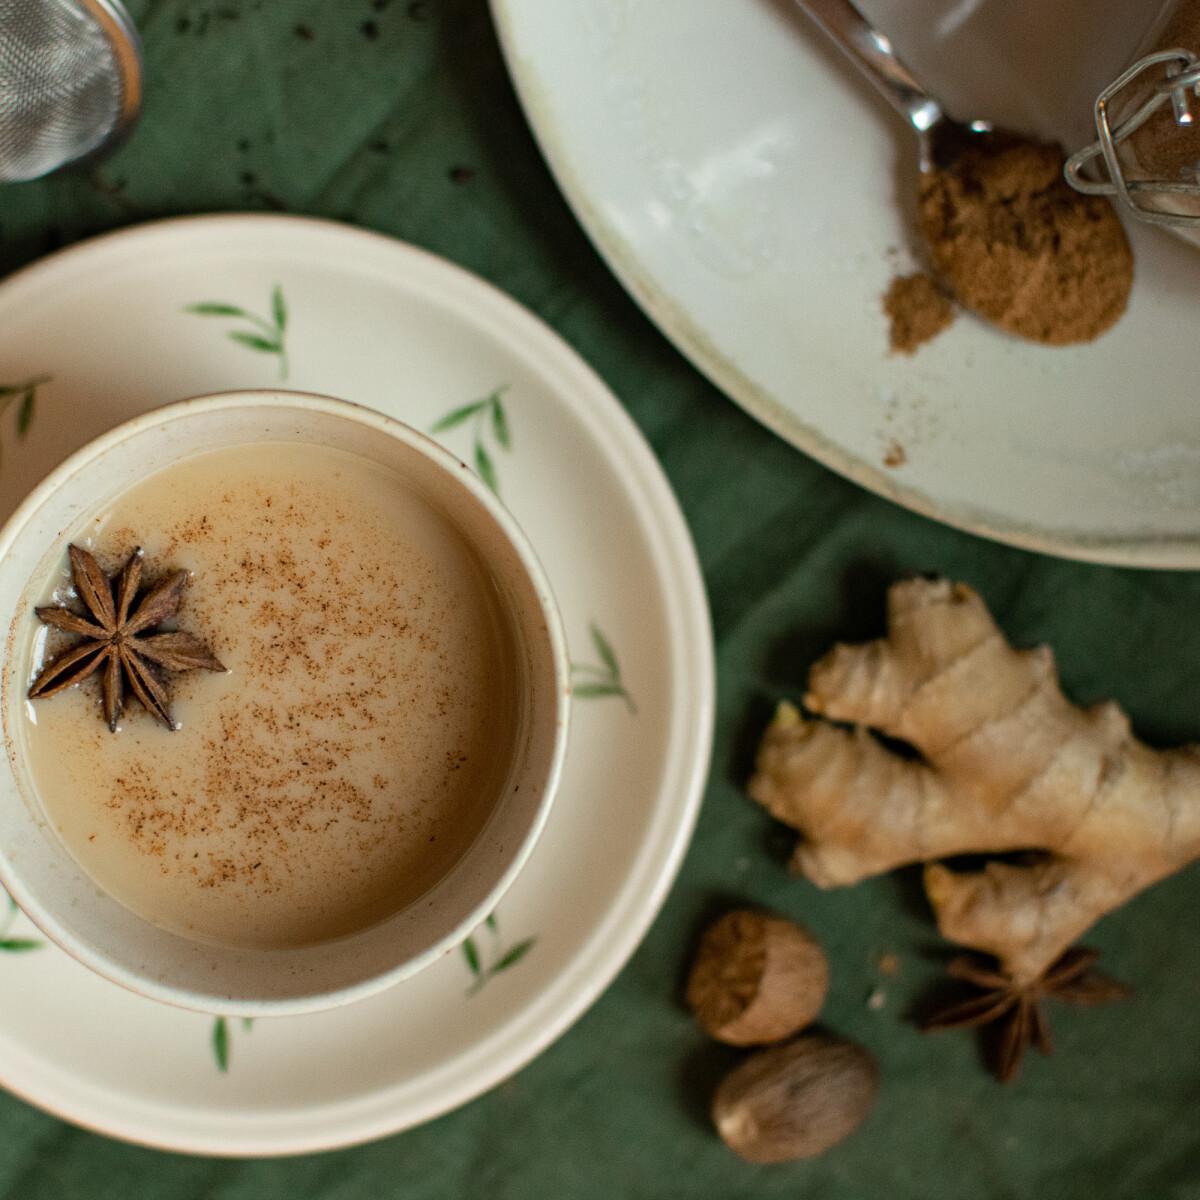 Ezen a képen: Masala chai és chai fűszerkeverék